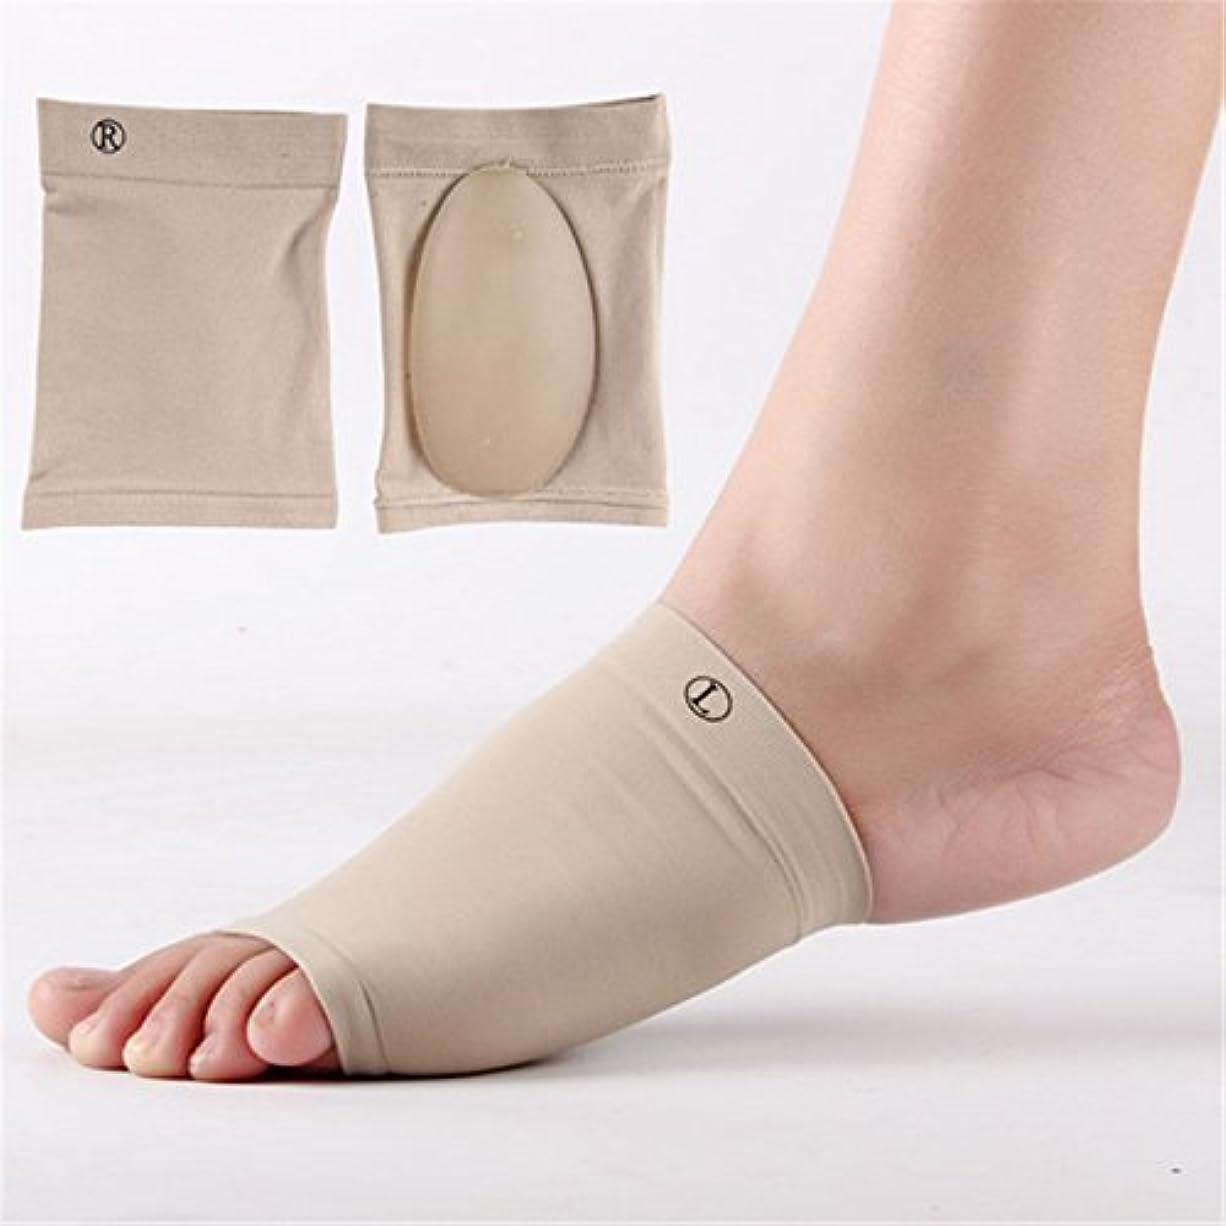 生じるアンプ怠Lorny(TM)1Pairジェル足底筋膜炎アーチサポートスリーブアーチソックスかかとクッションフラット足の整形外科靴パッドフットケア [並行輸入品]